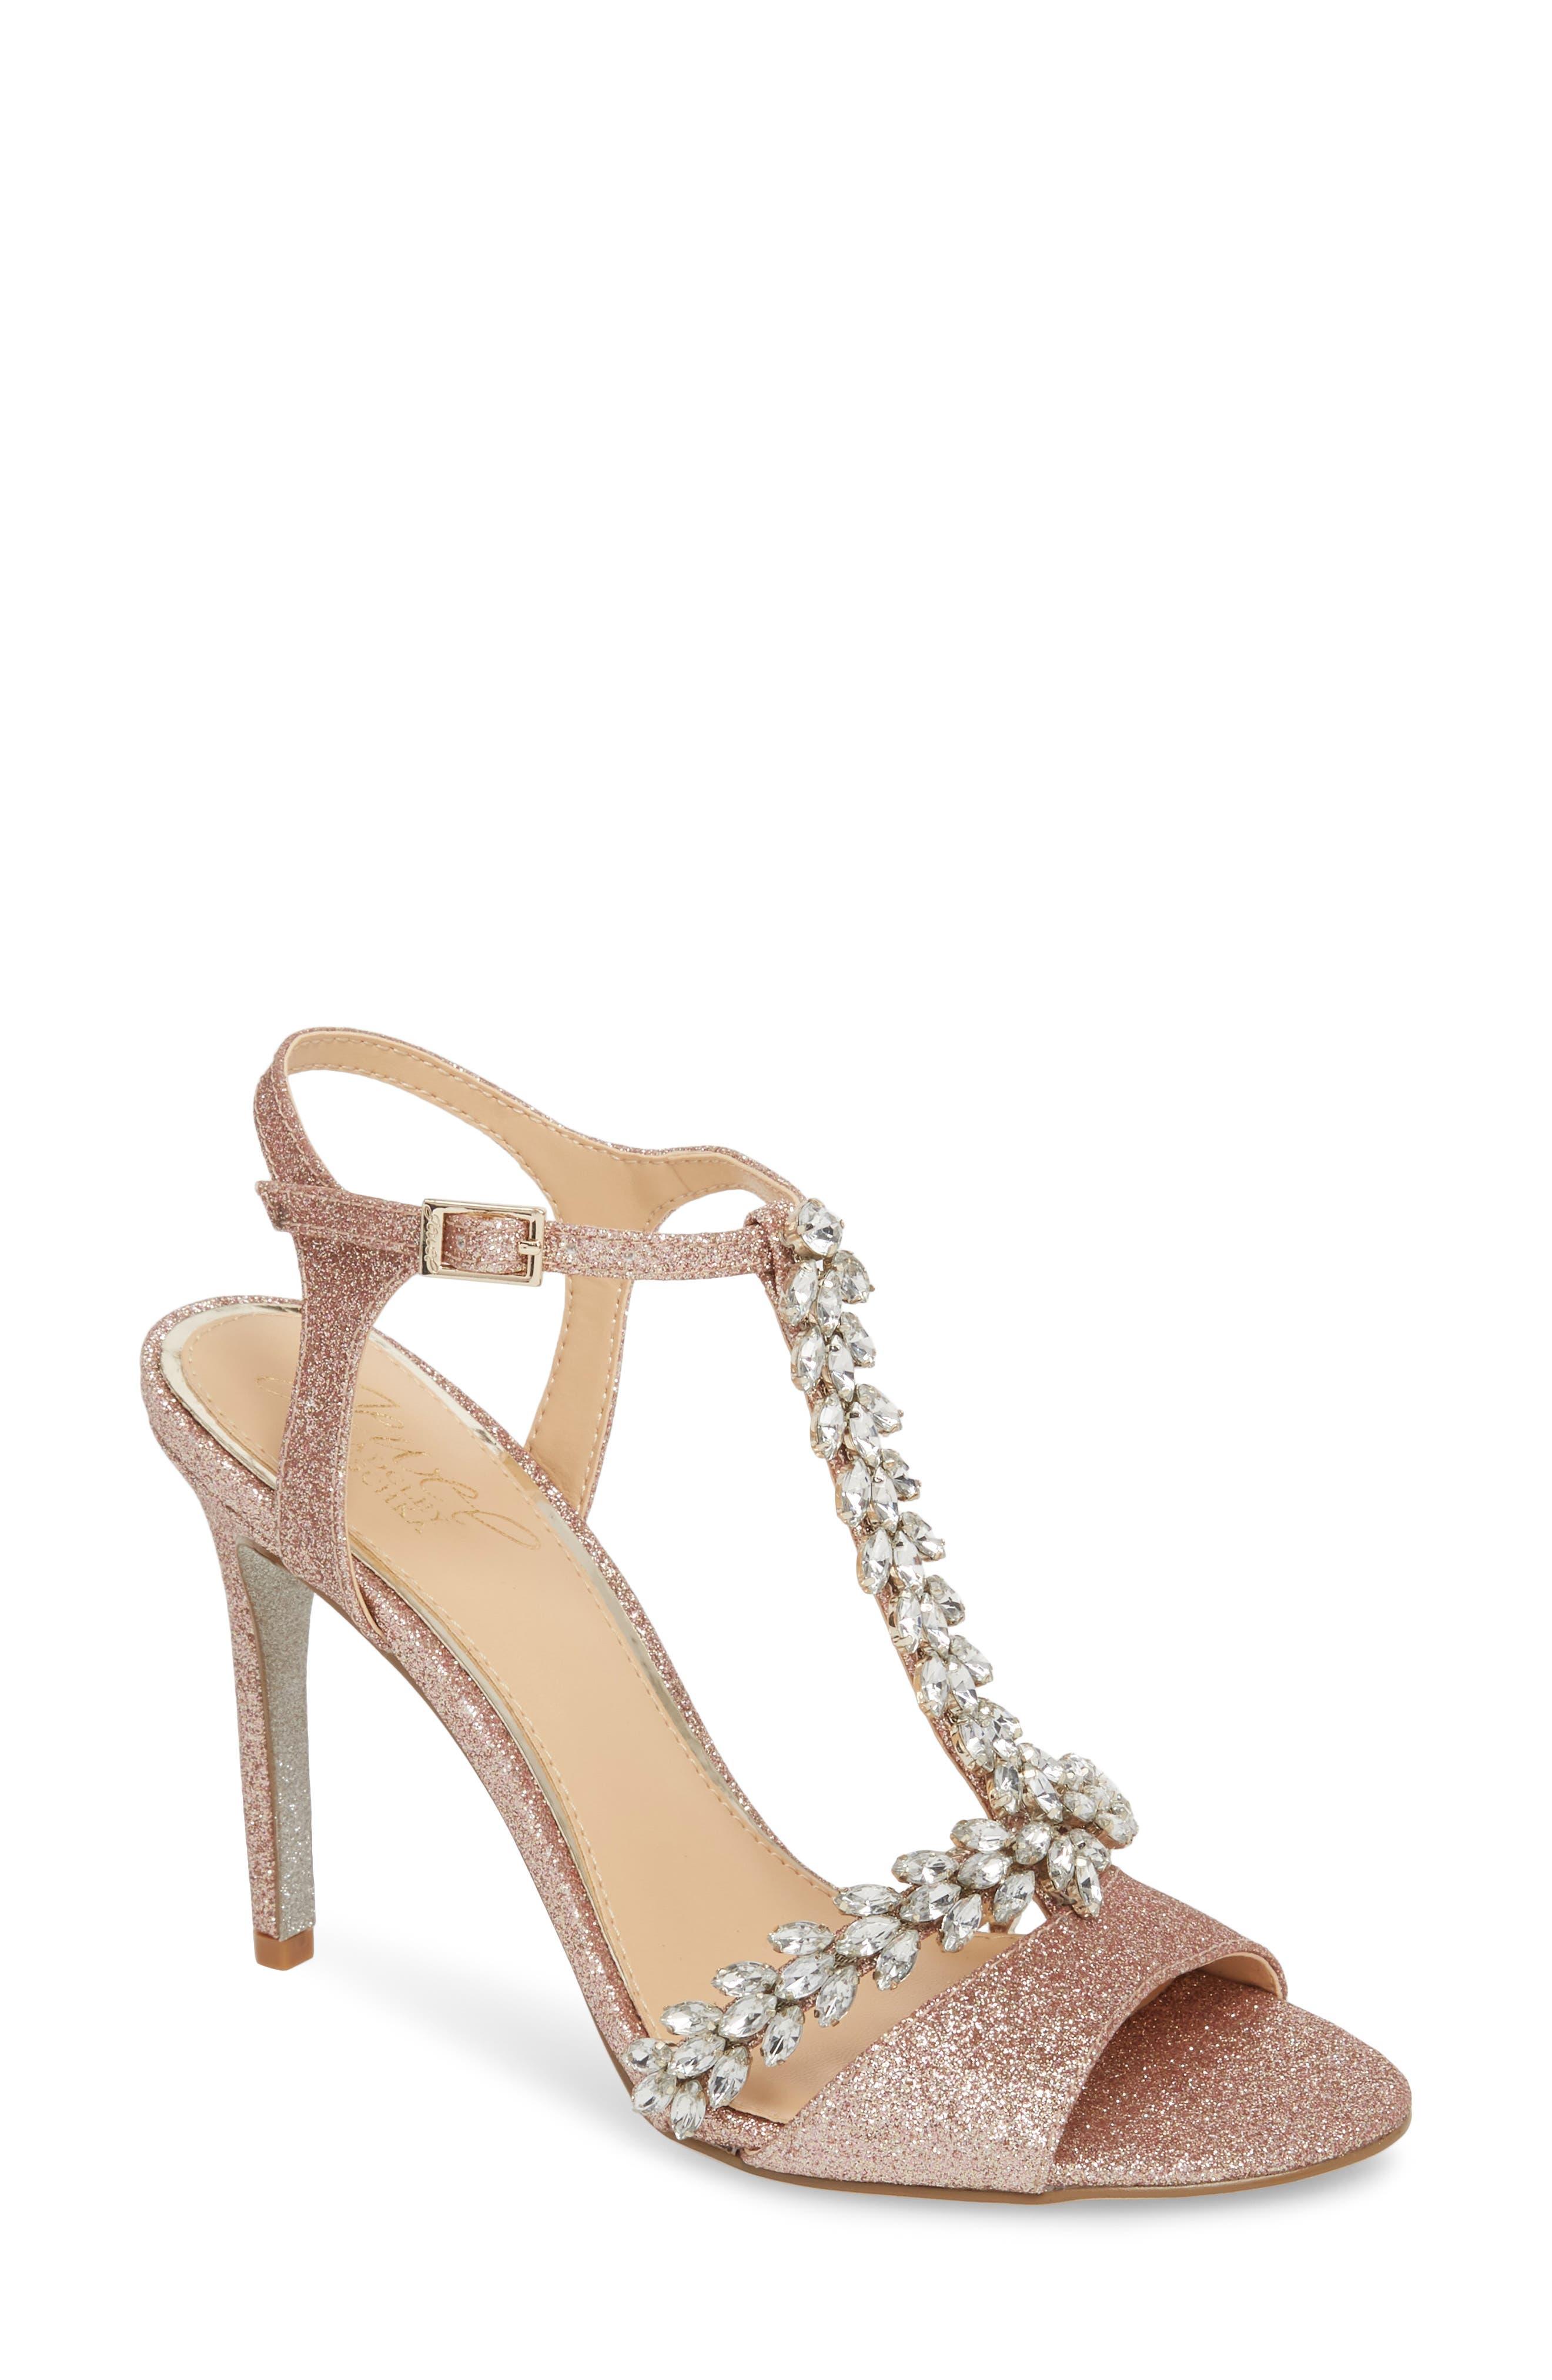 Jewel Badgley Mischka Maxi Crystal Embellished Sandal, Metallic